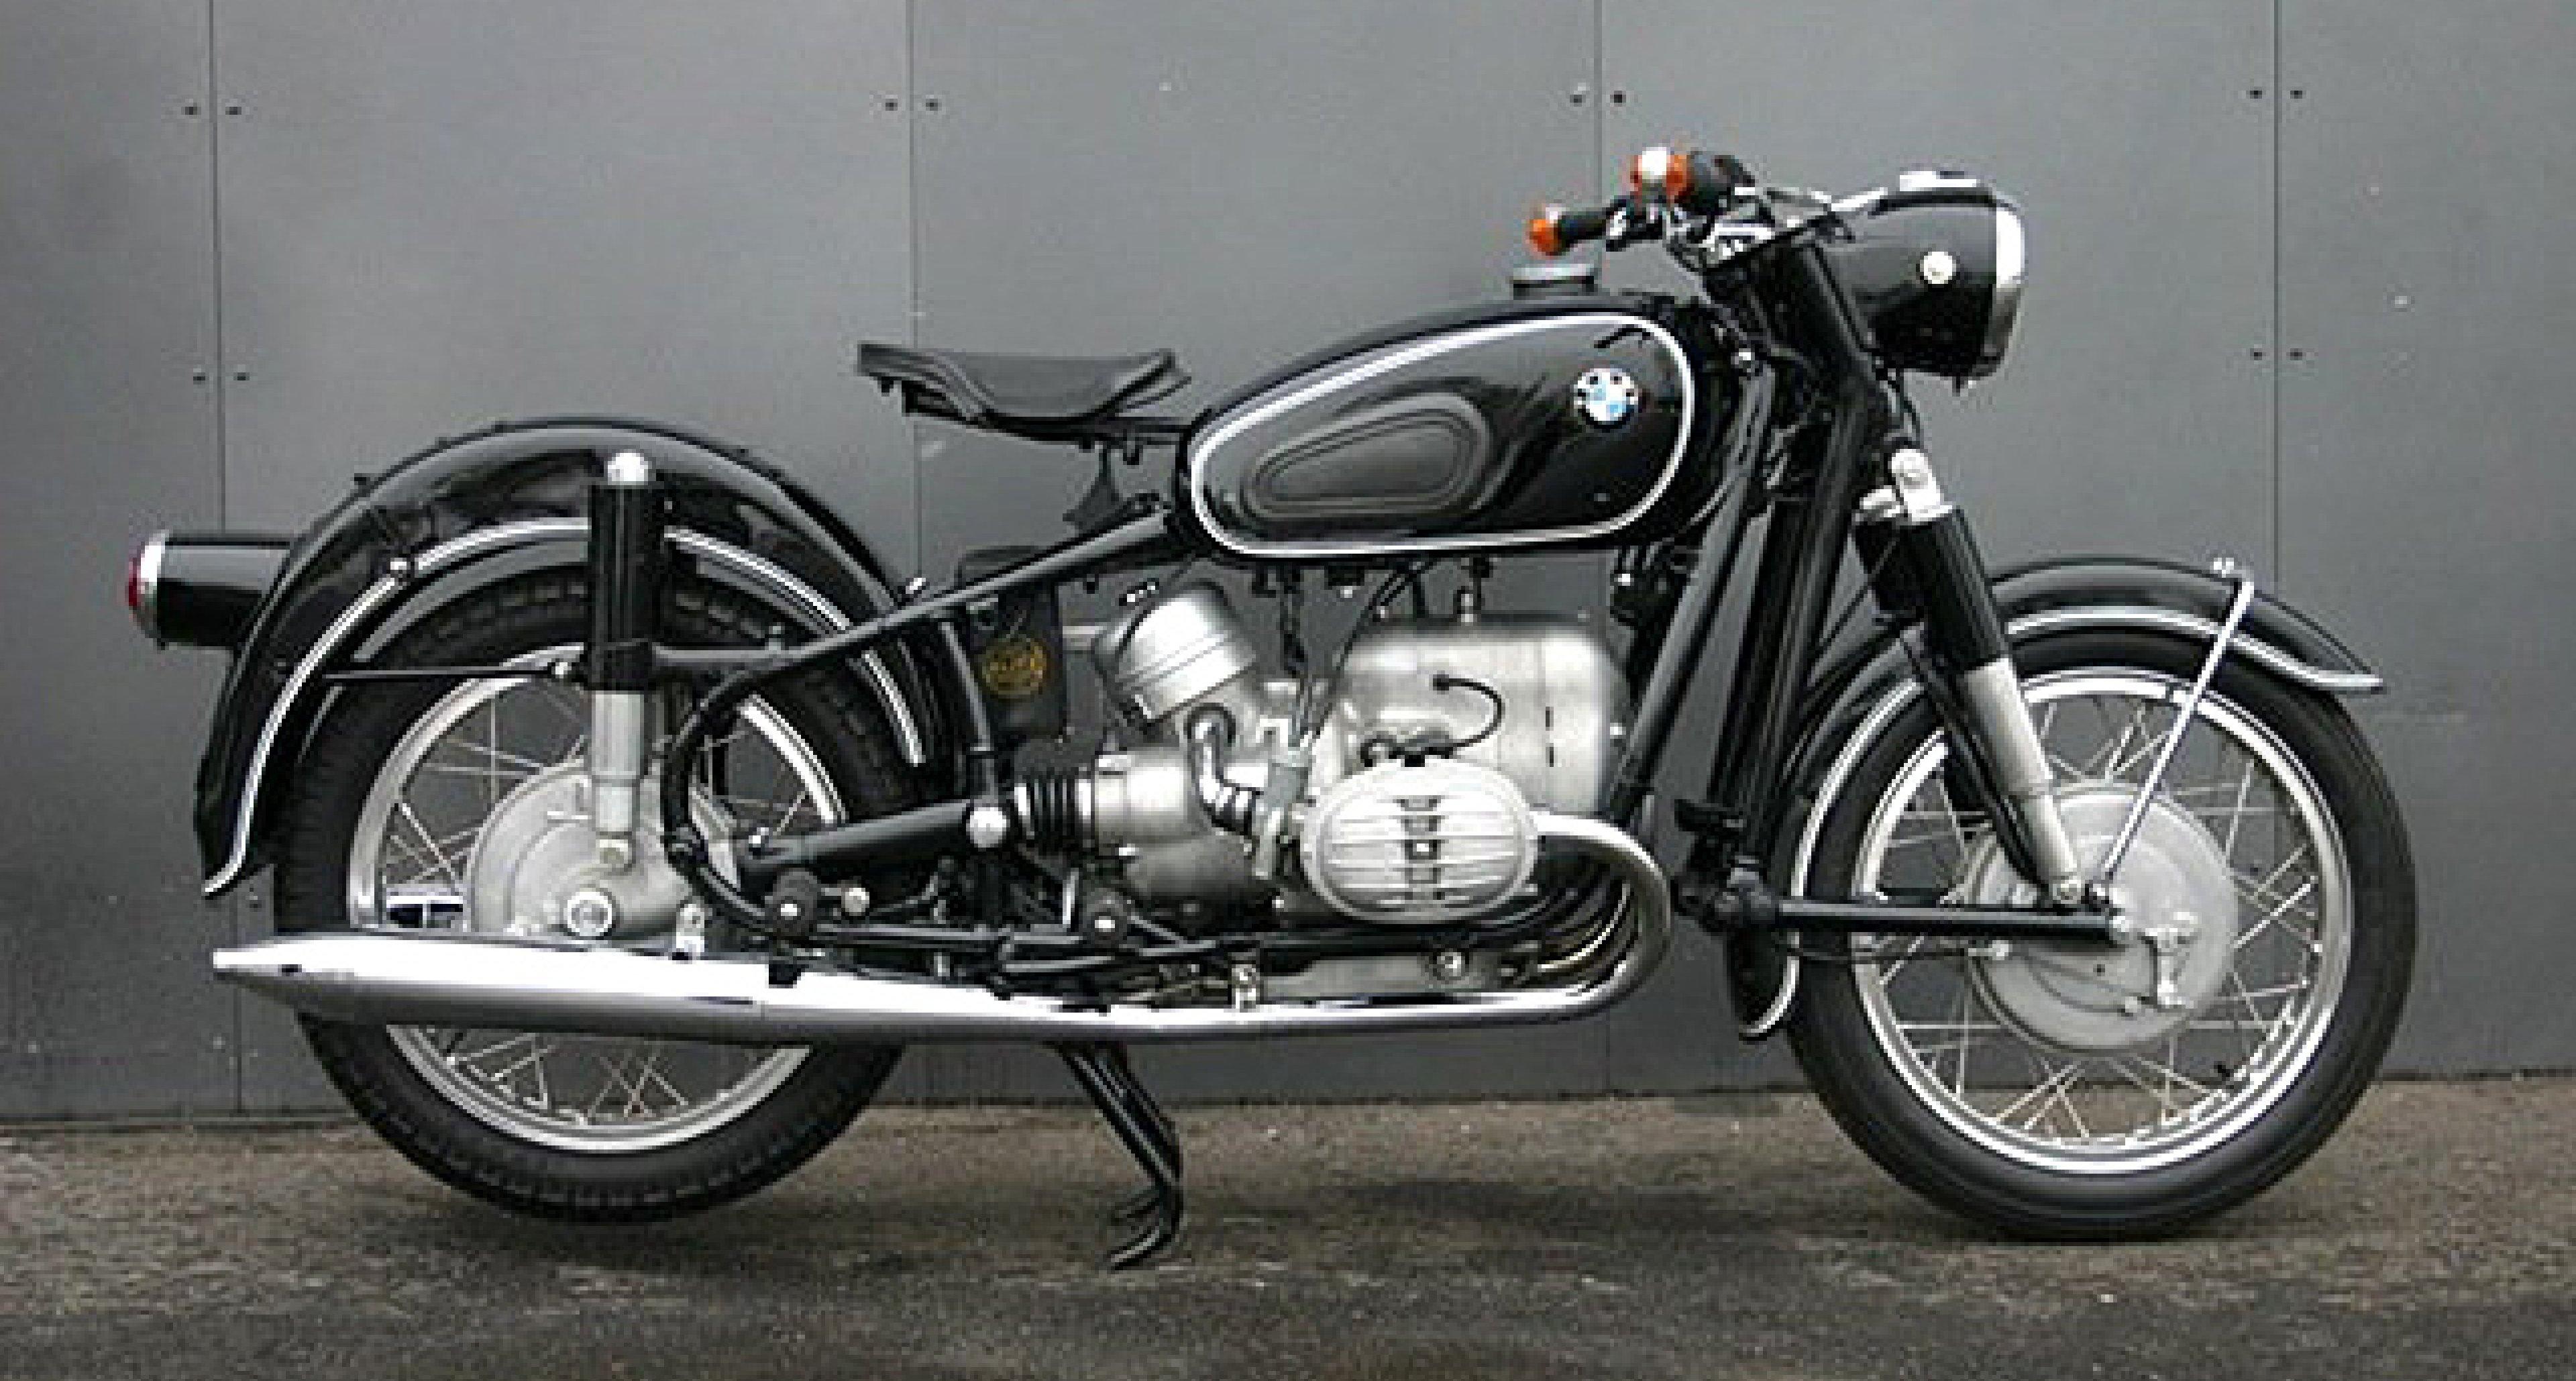 Classic Bmw Motorcycle Hobbiesxstyle